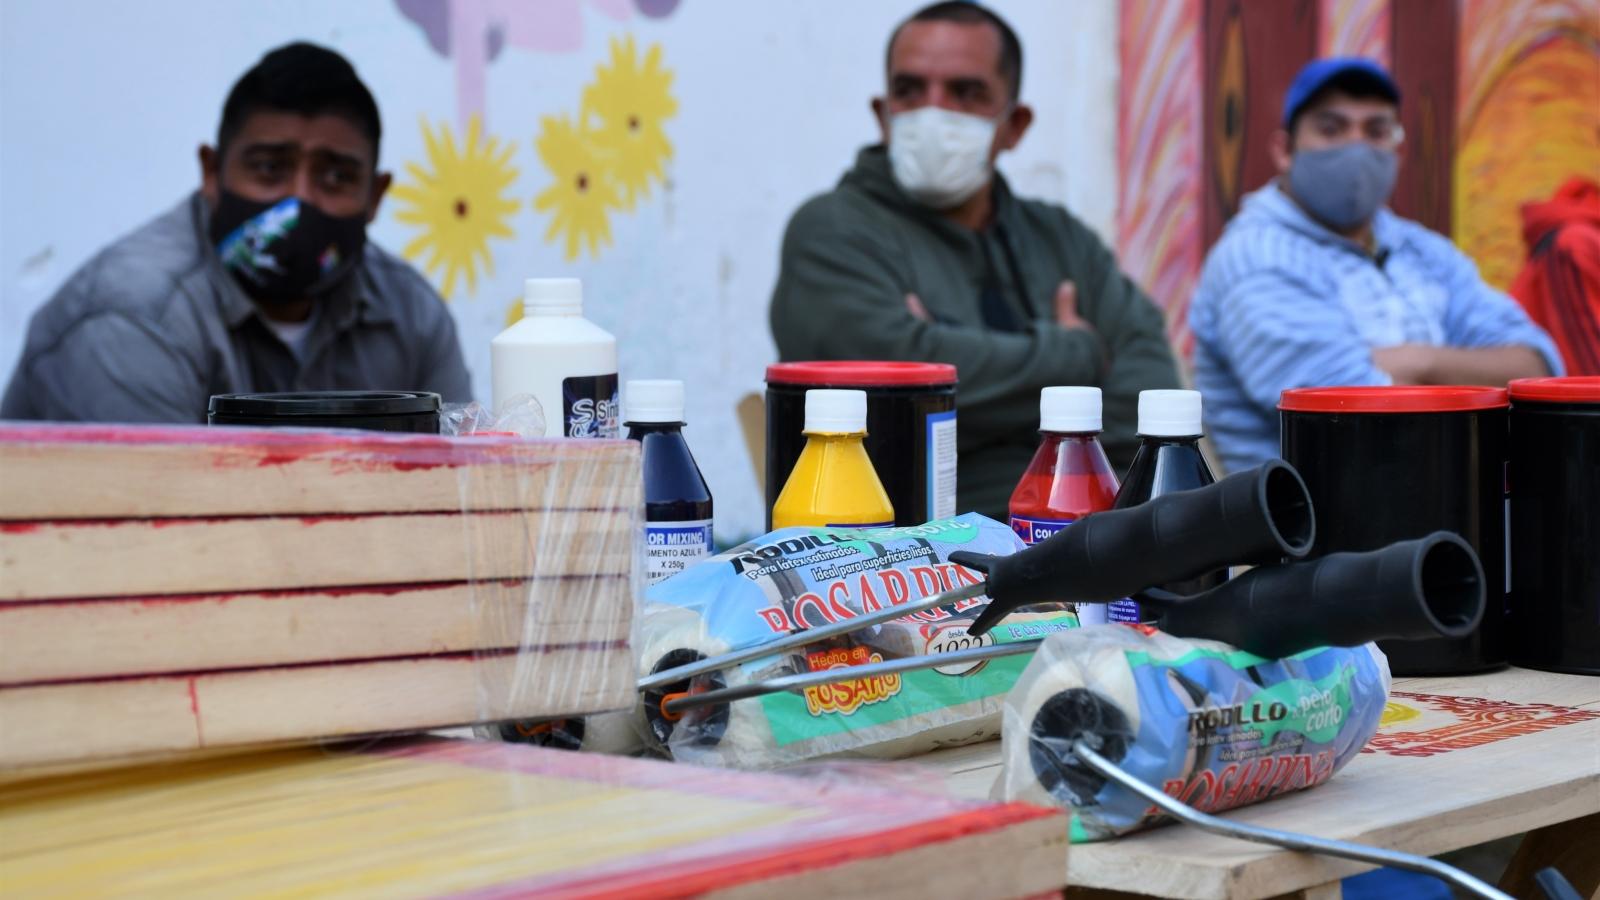 Materiales varios, como pinturas, pinceles, entre otros, entregados a organizaciones de discapacidad para impulsar el trabajo